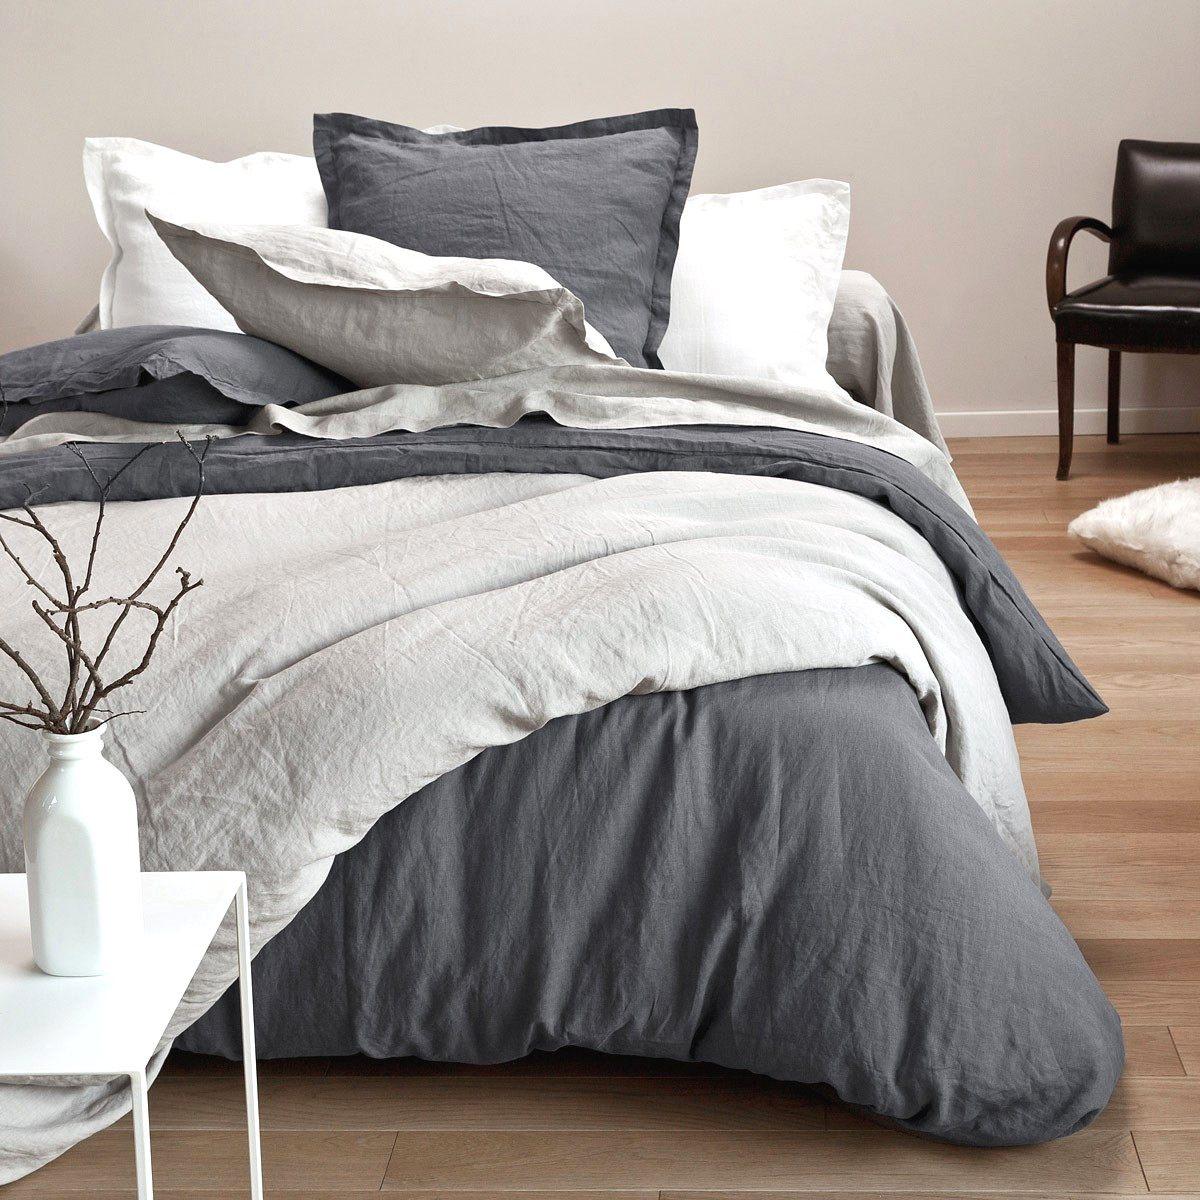 Linge De Lit En Lin Lavé Luxe Ingenious Inspiration Carre Blanc Linge De Maison 44 Avec Valuable